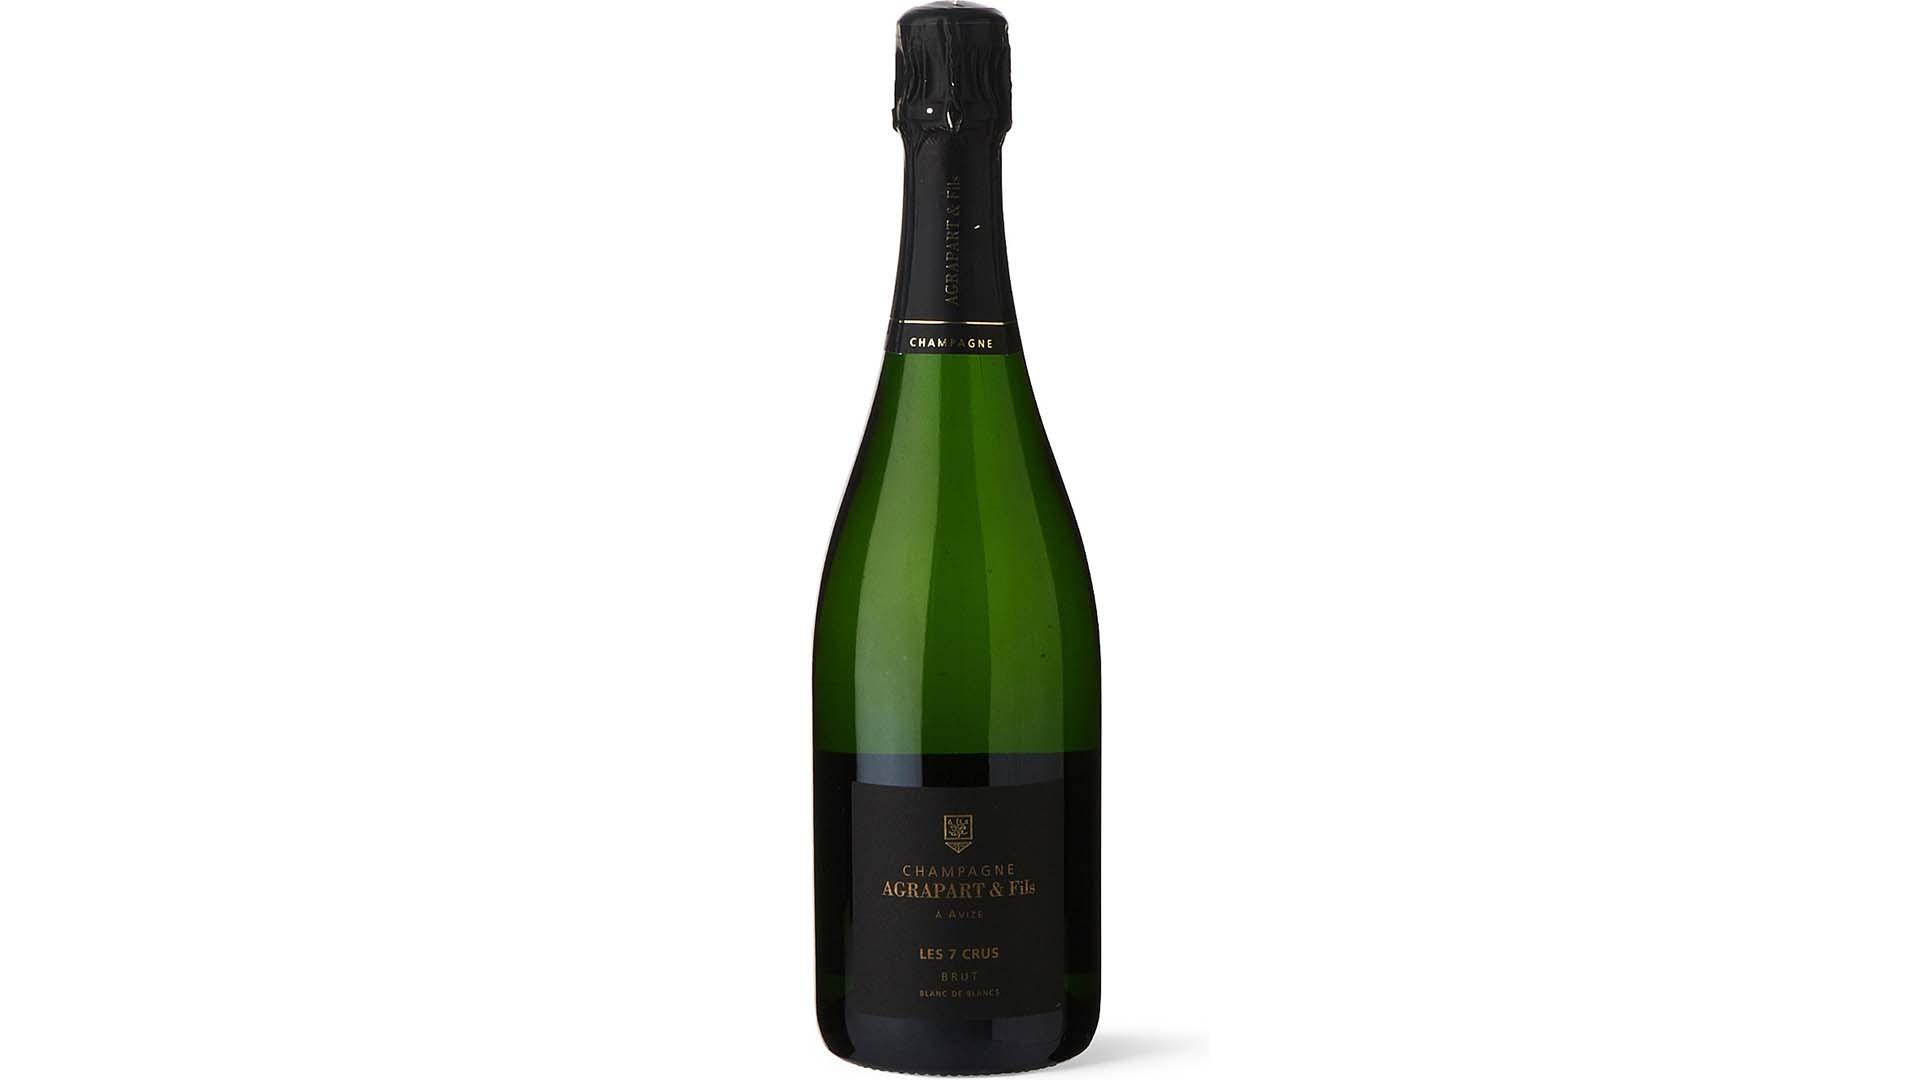 Les 7 Cru Blanc de Blanc NV champagne by Agrapart Et Fils